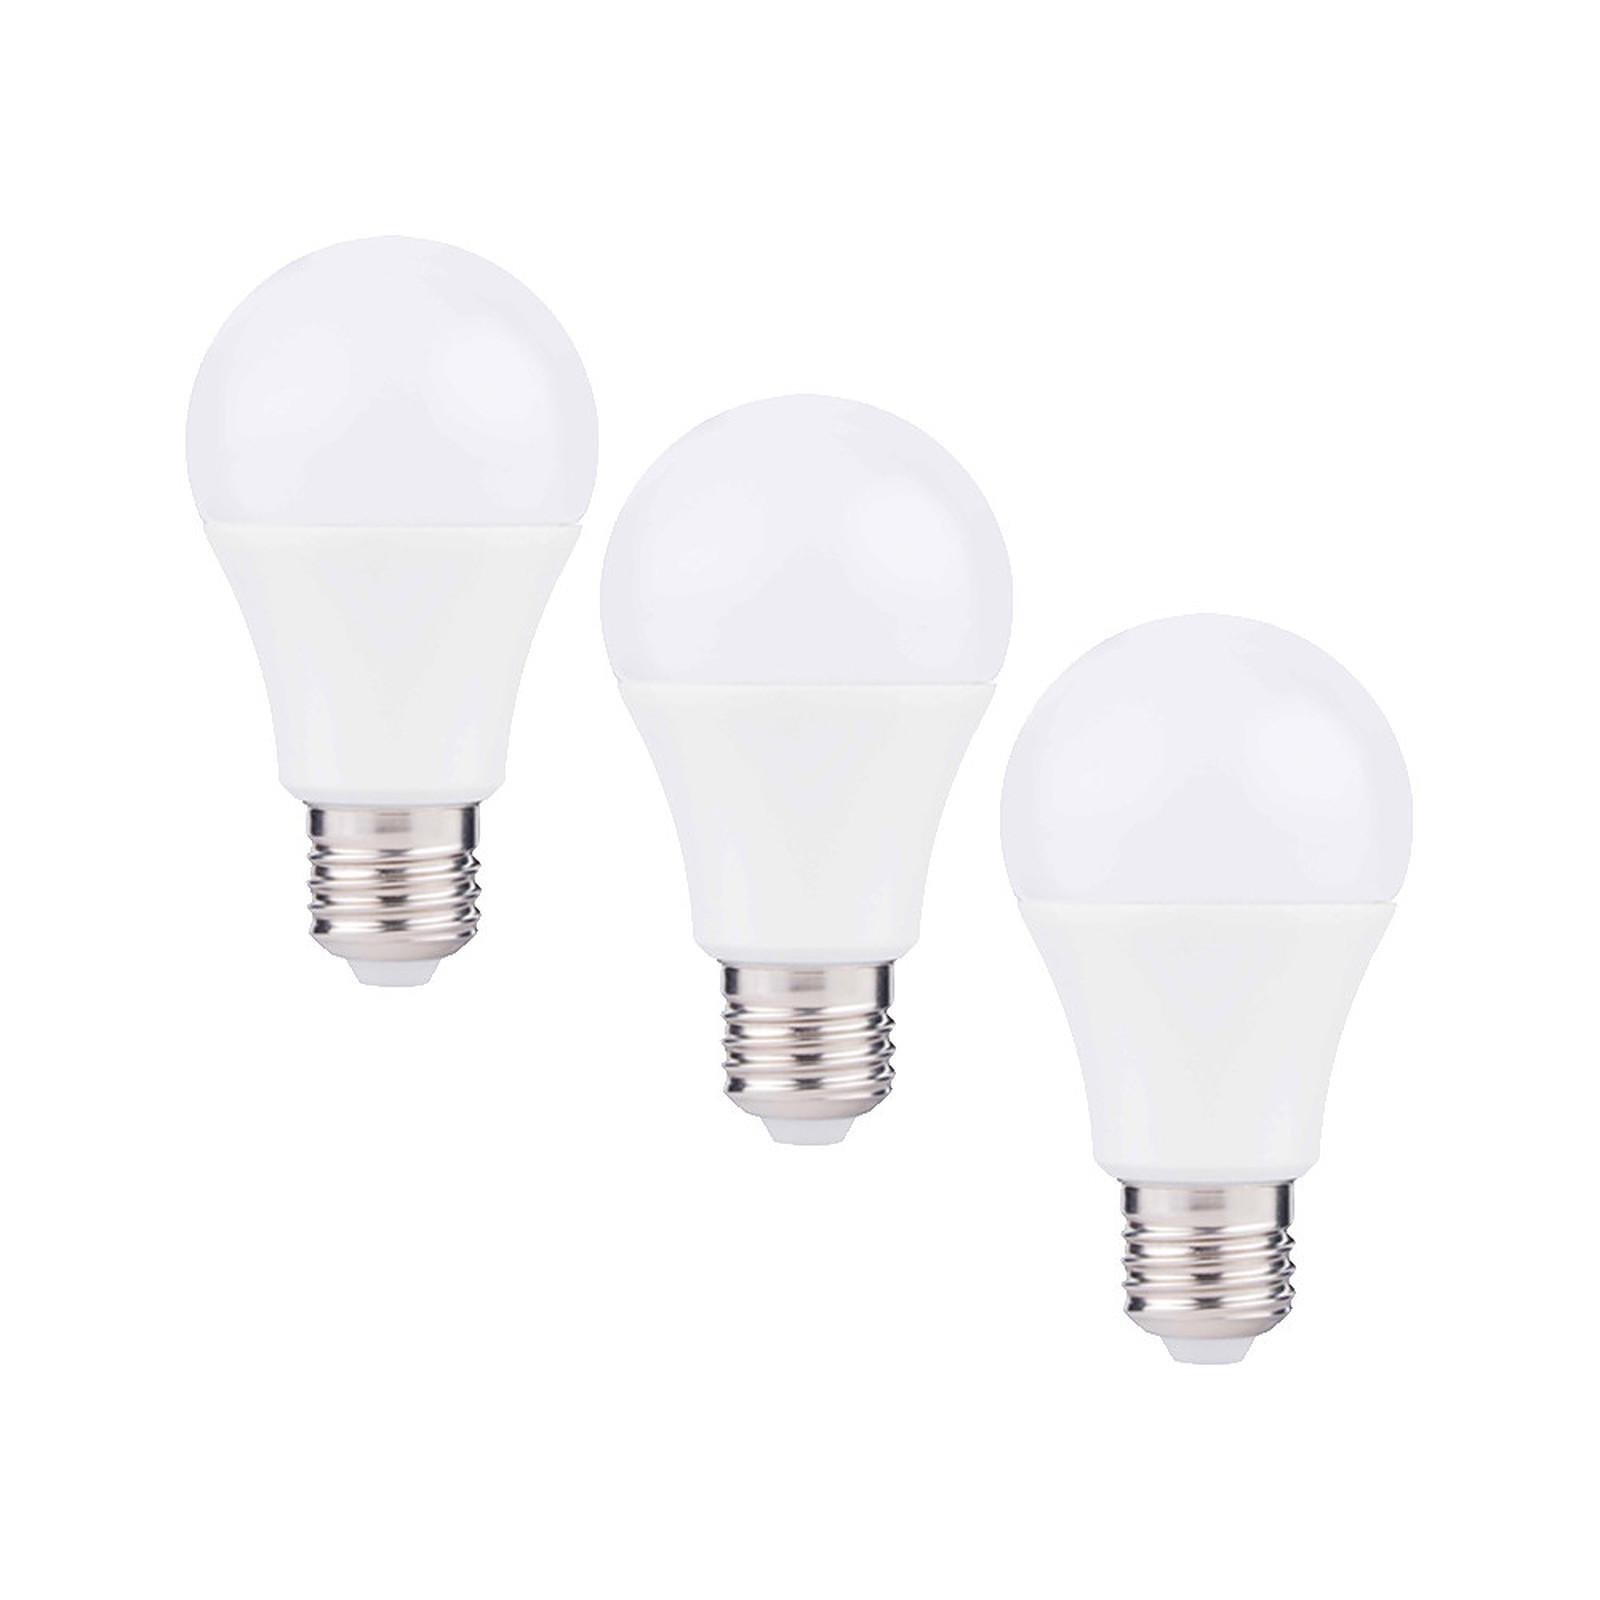 FamilyLed Lot De 3 Ampoules Led 15w Blanc Naturel FAM_LOT3_A70154A